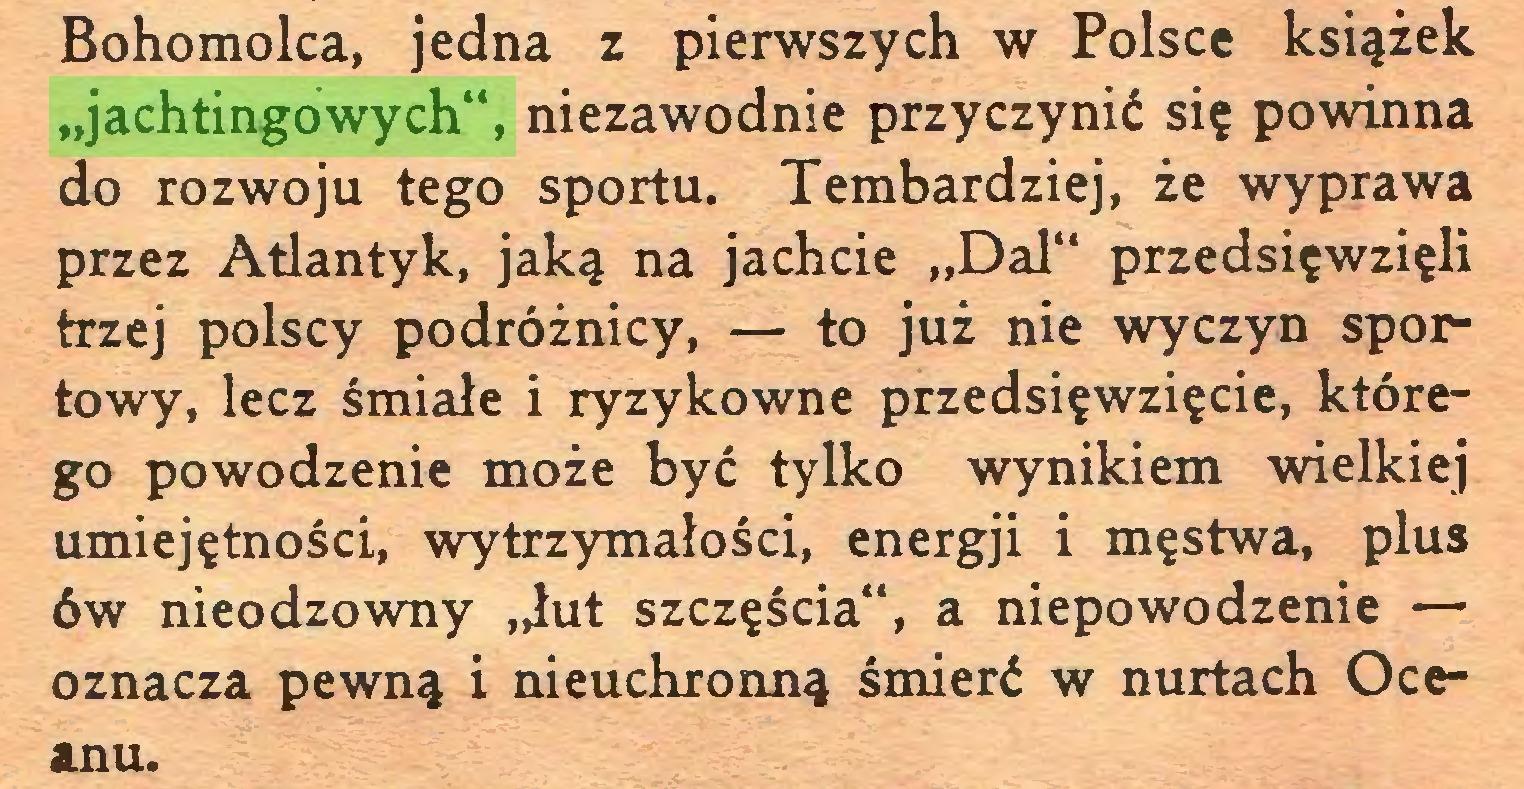 """(...) Bohomolca, jedna z pierwszych w Polsce książek """"jachtingowych"""", niezawodnie przyczynić się powinna do rozwoju tego sportu. Tembardziej, że wyprawa przez Atlantyk, jaką na jachcie """"Dal"""" przedsięwzięli trzej polscy podróżnicy, — to już nie wyczyn sportowy, lecz śmiałe i ryzykowne przedsięwzięcie, którego powodzenie może być tylko wynikiem wielkiej umiejętności, wytrzymałości, energji i męstwa, plus ów nieodzowny """"łut szczęścia"""", a niepowodzenie — oznacza pewną i nieuchronną śmierć w nurtach Oceanu..."""